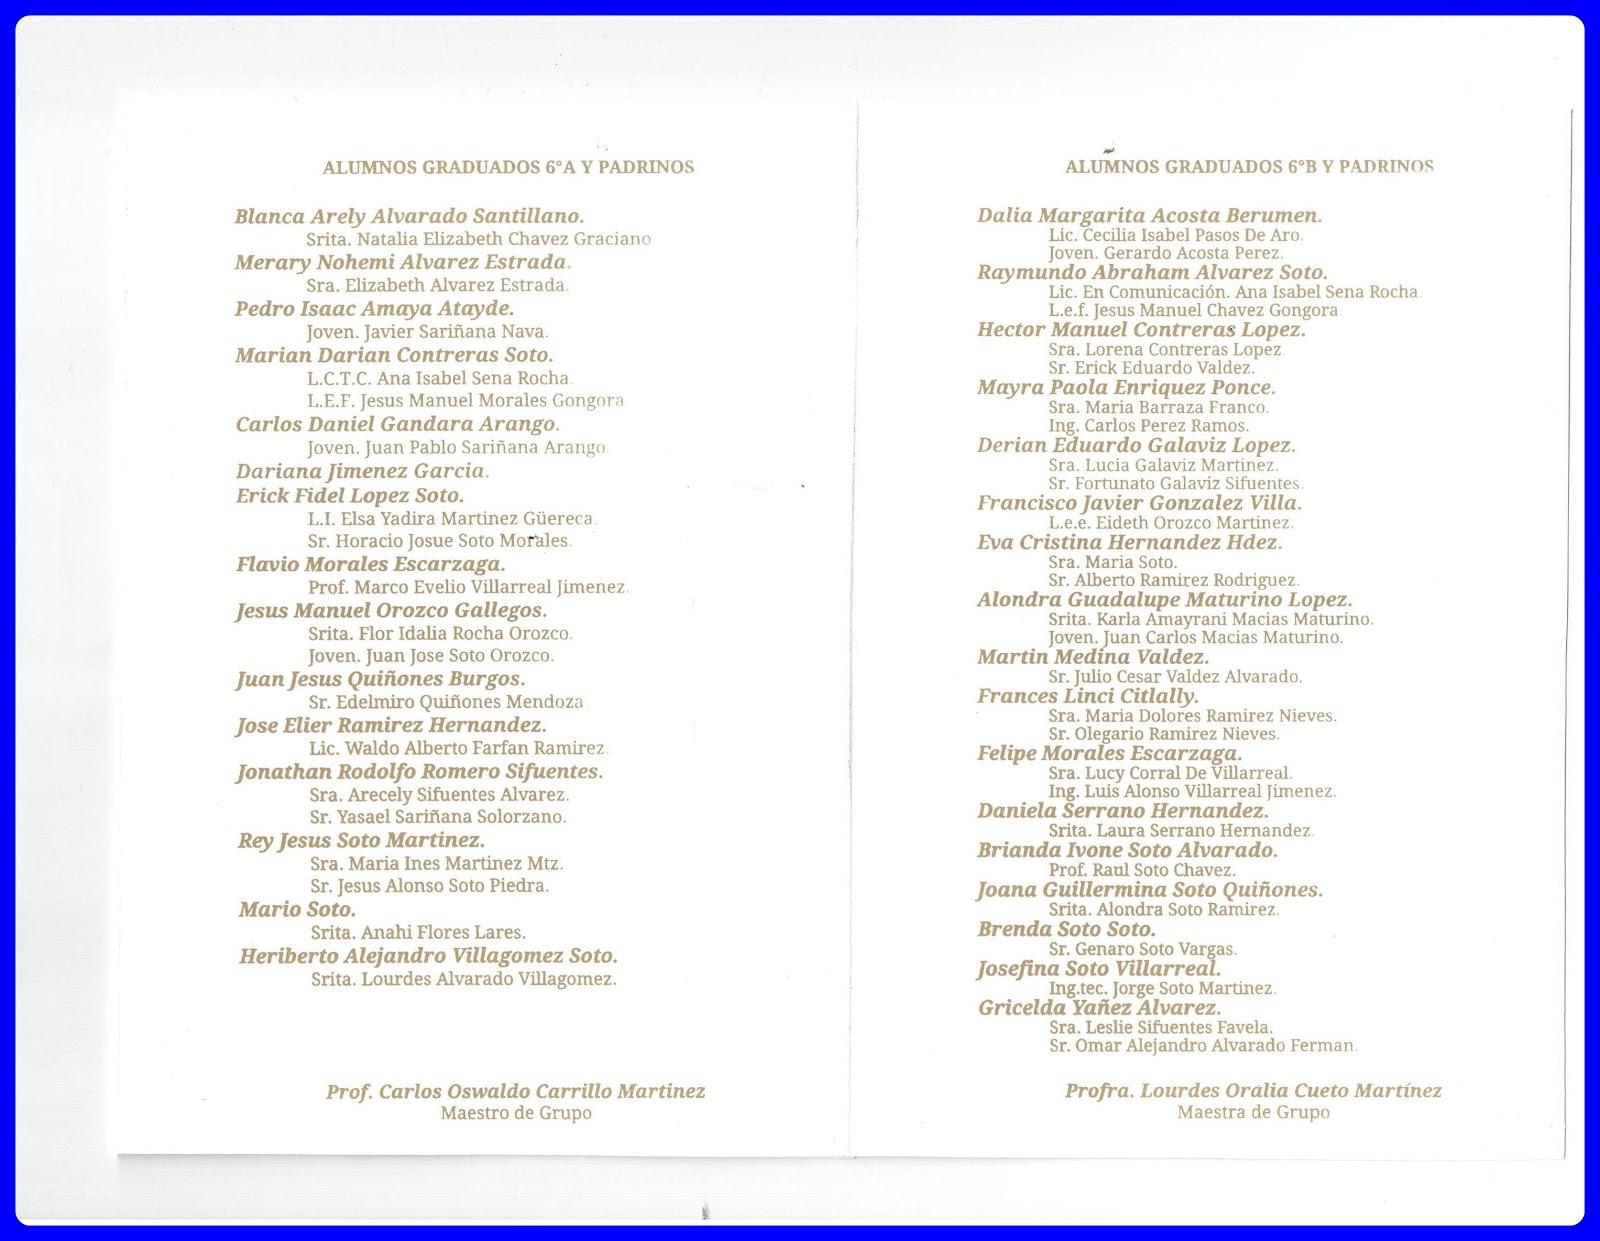 de fin de cursos de la generación 2006 2012 que se realizará este 5